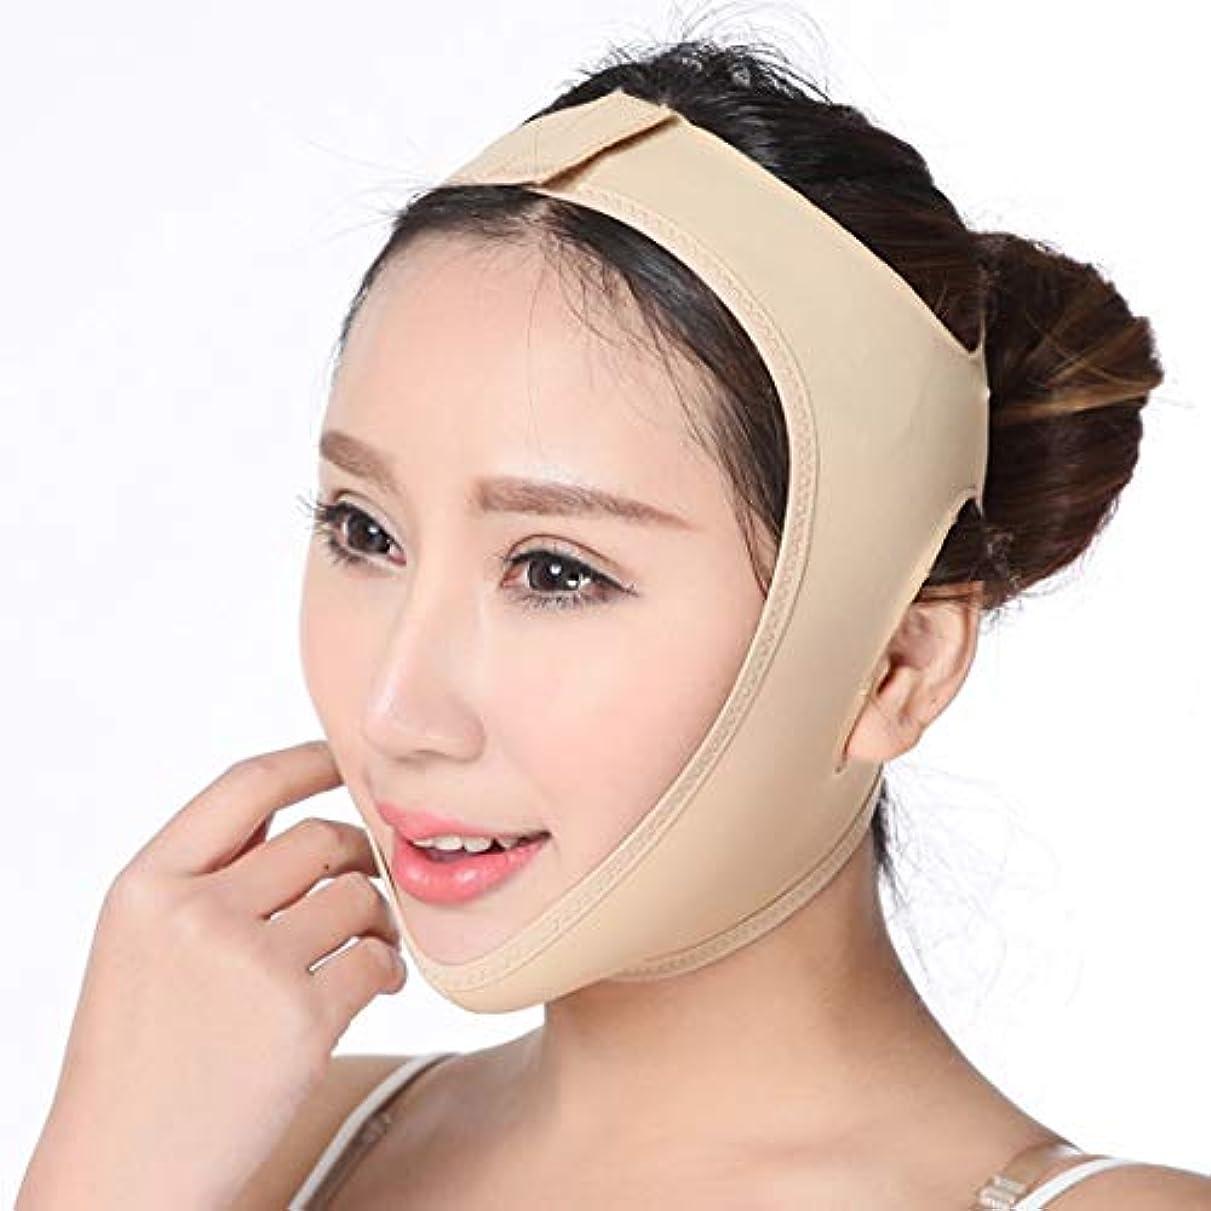 キャメル手荷物守銭奴ZWBD フェイスマスク, 薄い顔包帯ネット薄い二重あご包帯小V顔睡眠メロン顔持ち上がるタイト整形マスク